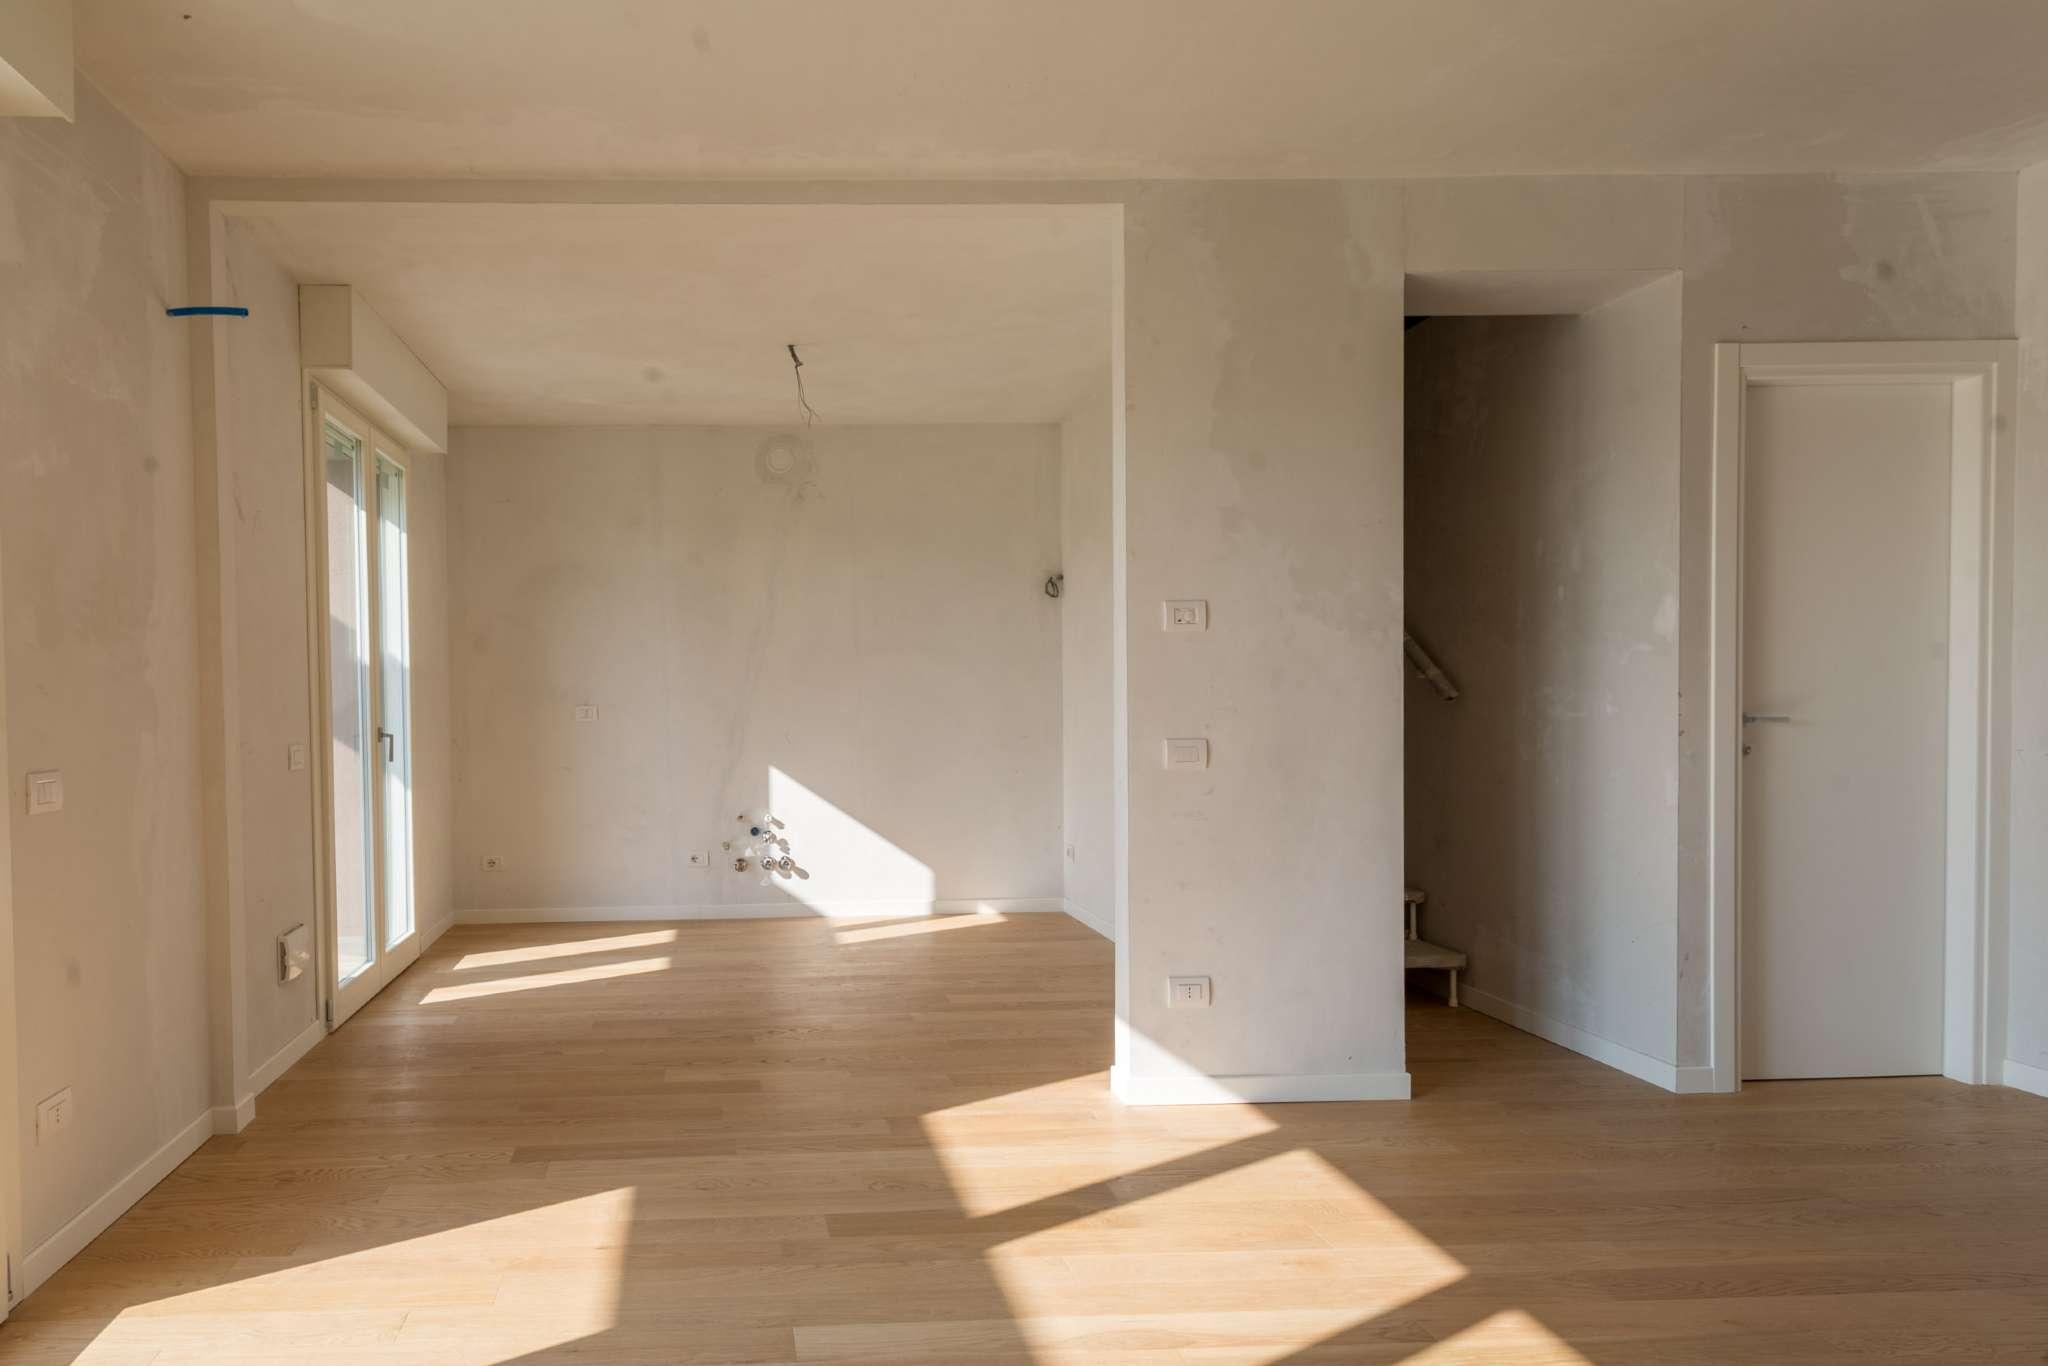 Appartamento in vendita a Cernusco sul Naviglio, 4 locali, prezzo € 402.000 | CambioCasa.it